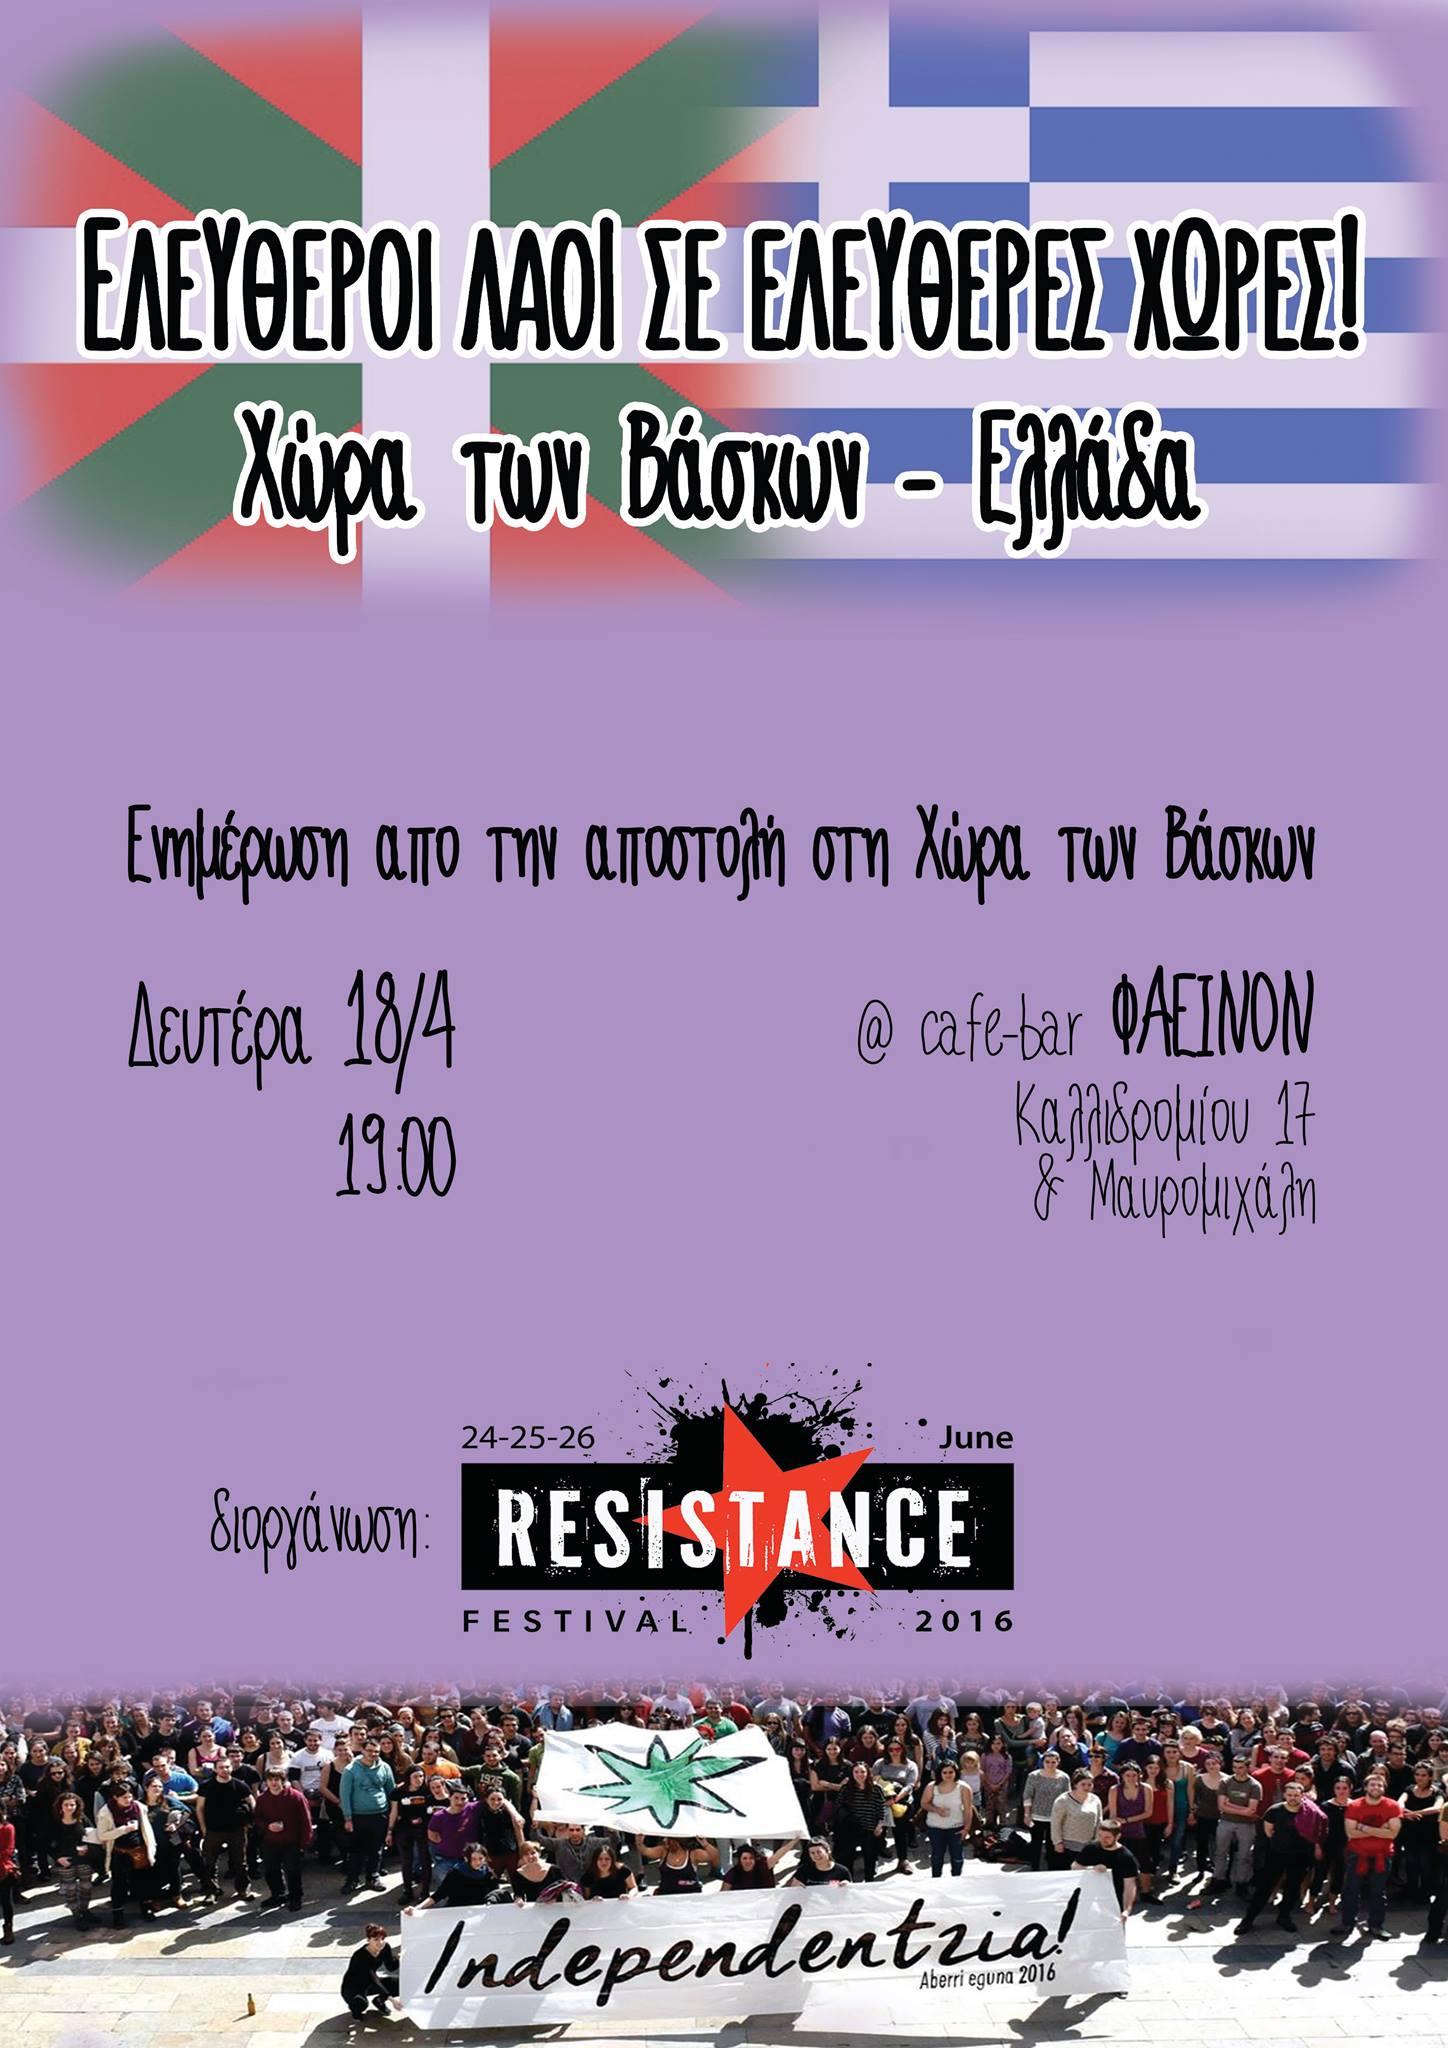 Tη Δευτέρα, 18 Απριλίου, θα πραγματοποιηθεί στην Αθήνα (καφέ «Φαεινόν», Καλλιδρομίου 17 & Μαυρομιχάλη) εκδήλωση ενημέρωσης για την πρόσφατη αποστολή στη Χώρα των Βάσκων. Η εκδήλωση, που διοργανώνεται από τη συνέλευση του Resistance Festival, θα αρχίσει στις 7:00μ.μ.